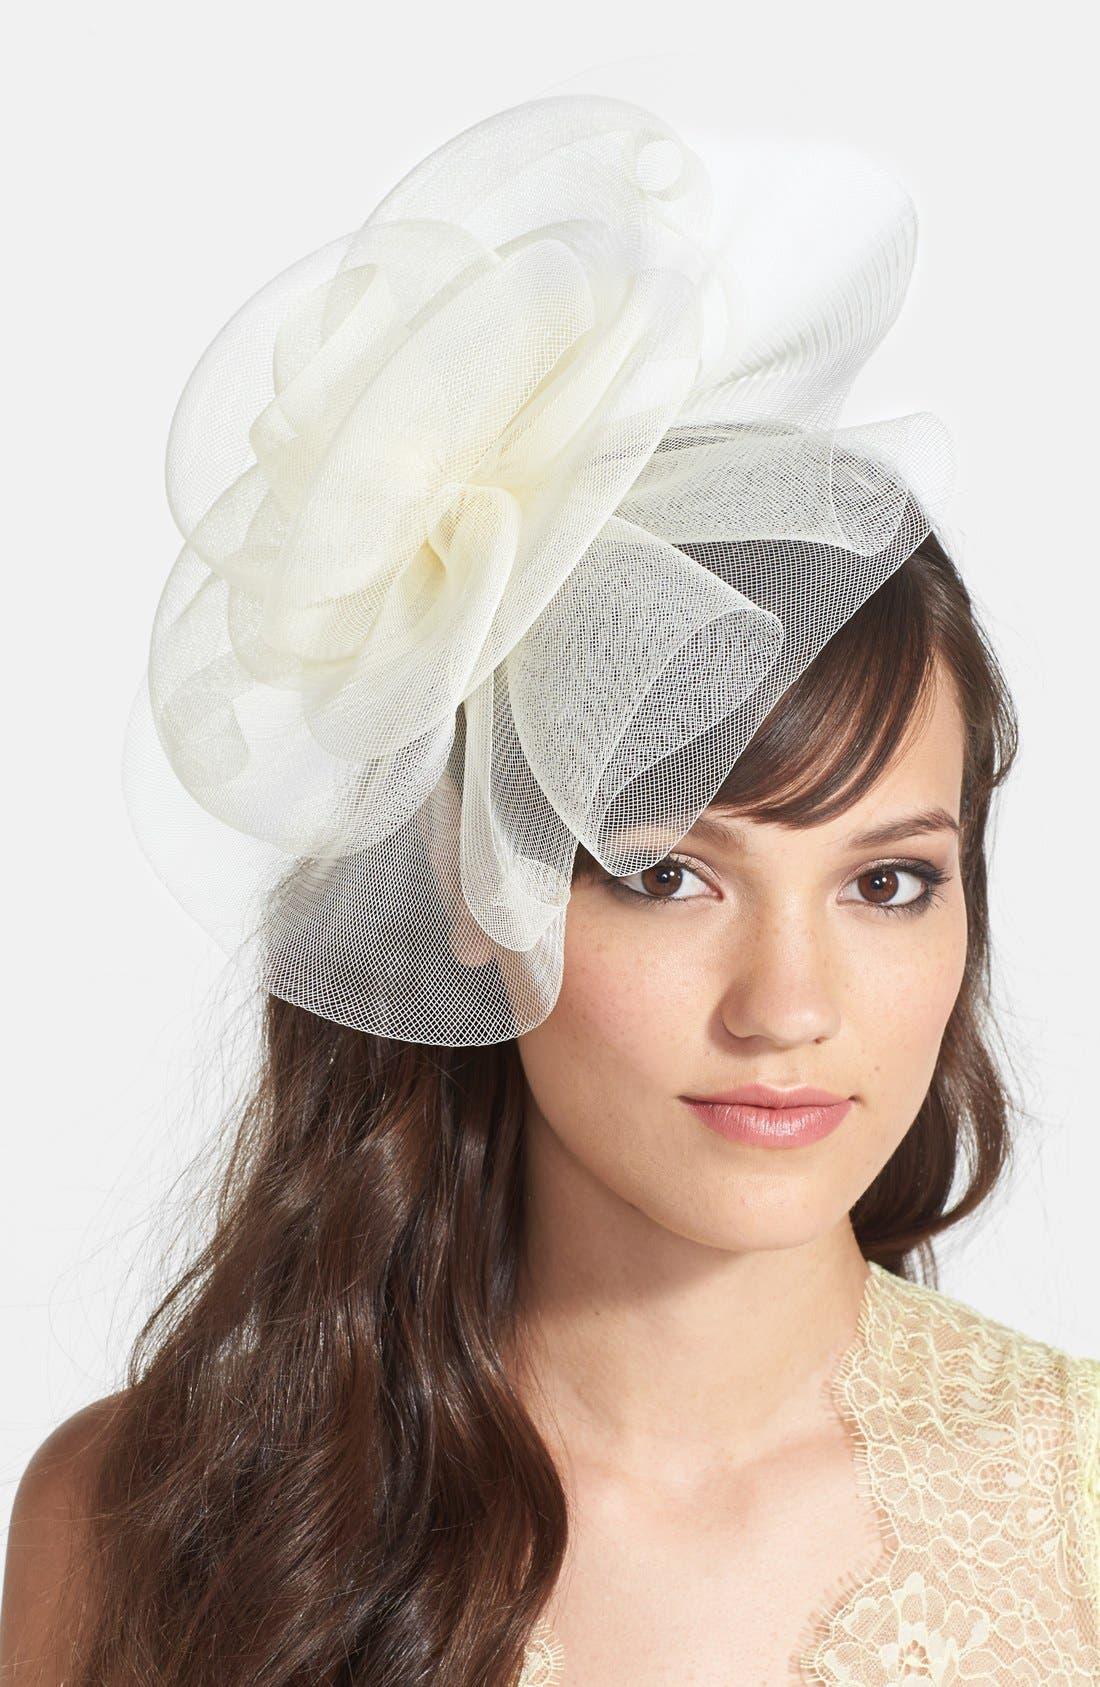 Alternate Image 1 Selected - Tasha 'Fabulous Floral' Fascinator Headband